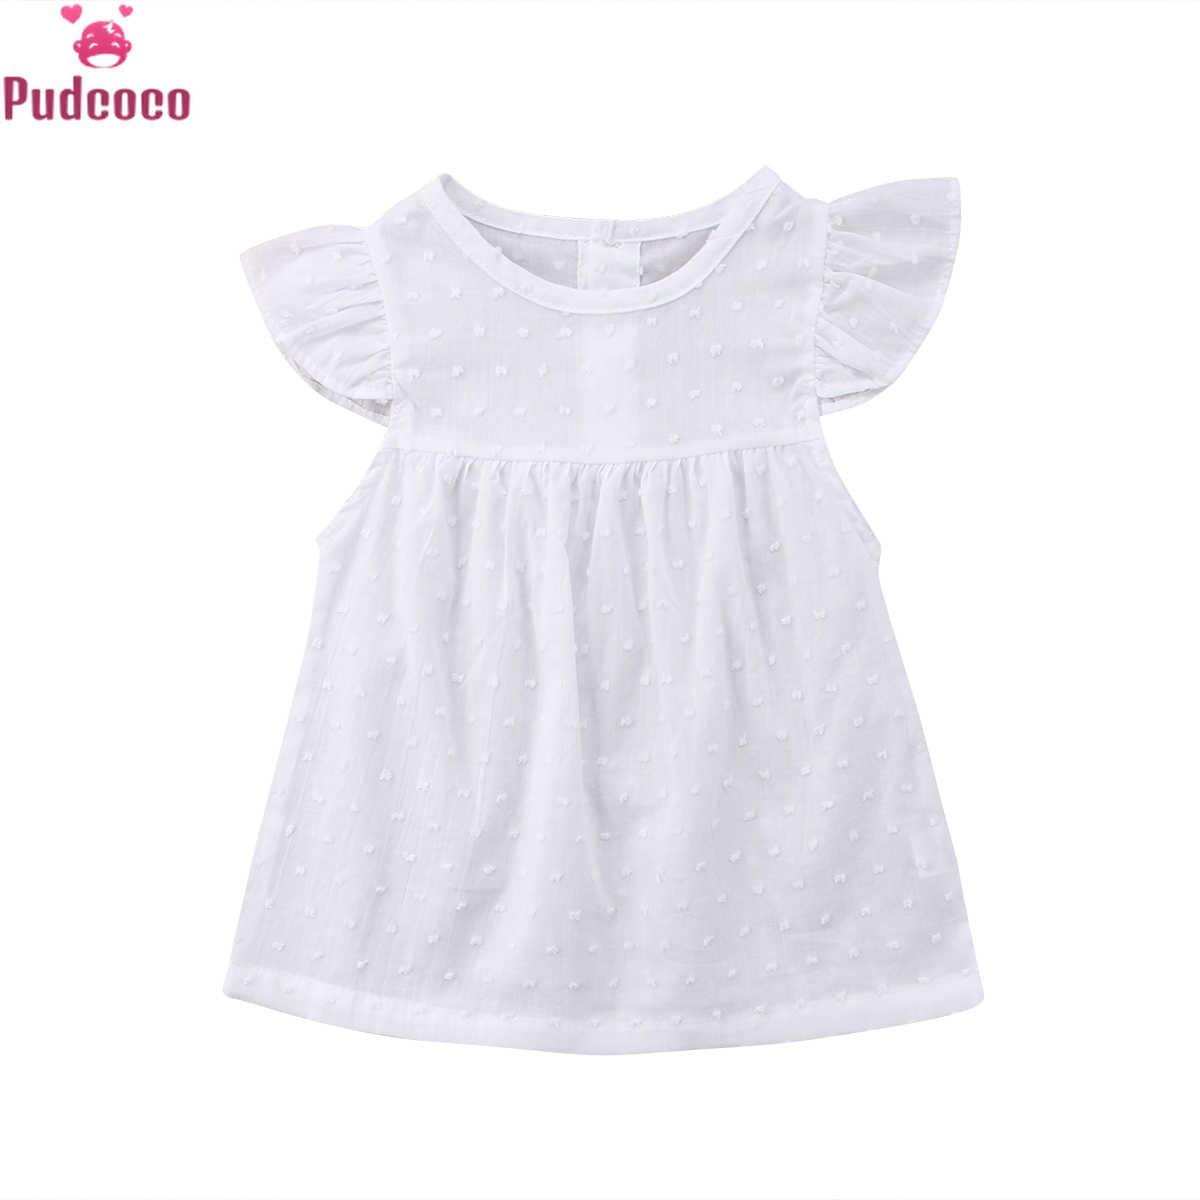 Noworodka ubrania dla dzieci dziewczyna biały Tulle księżniczka sukienka maluch krótkie rękawy Party urodziny wakacje Tutu sukienki